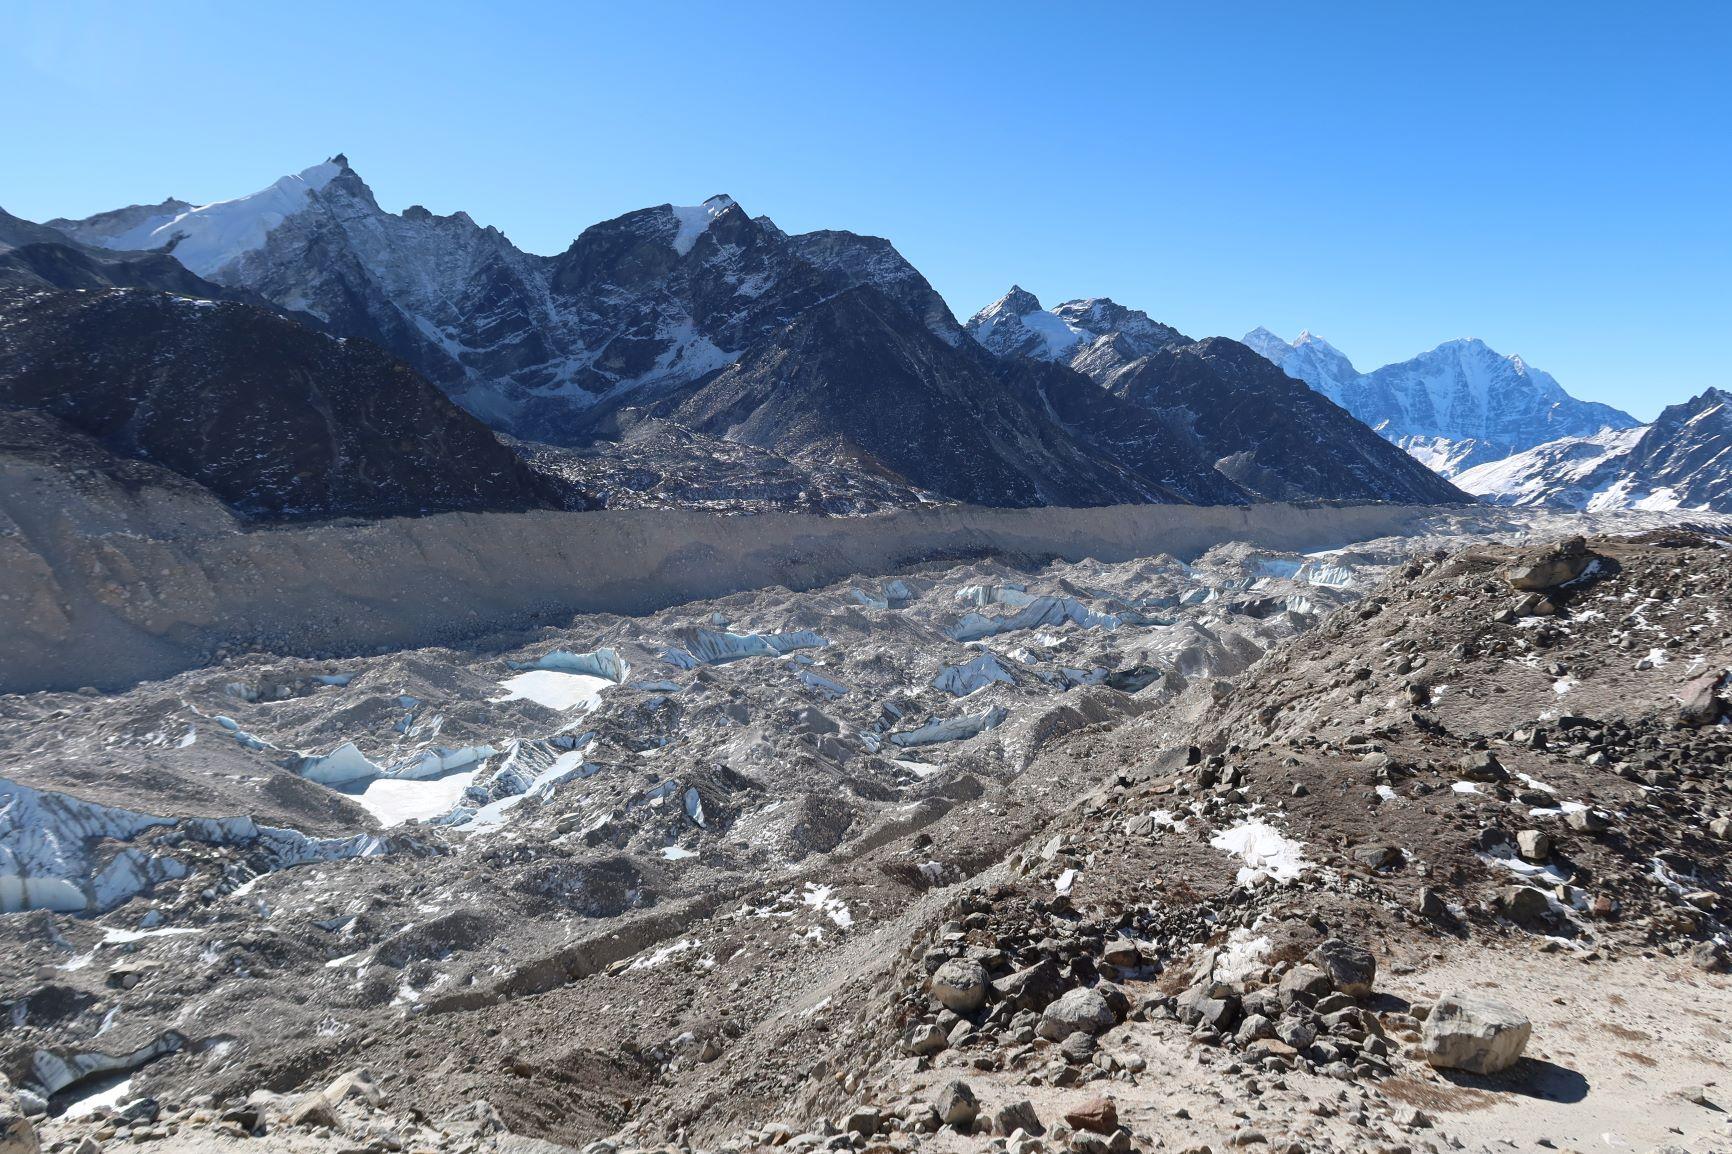 前往聖母峰基地營和登頂的必經之路,頻繁的冰河運動,斧琢出許多危險冰隙。© Greenpeace